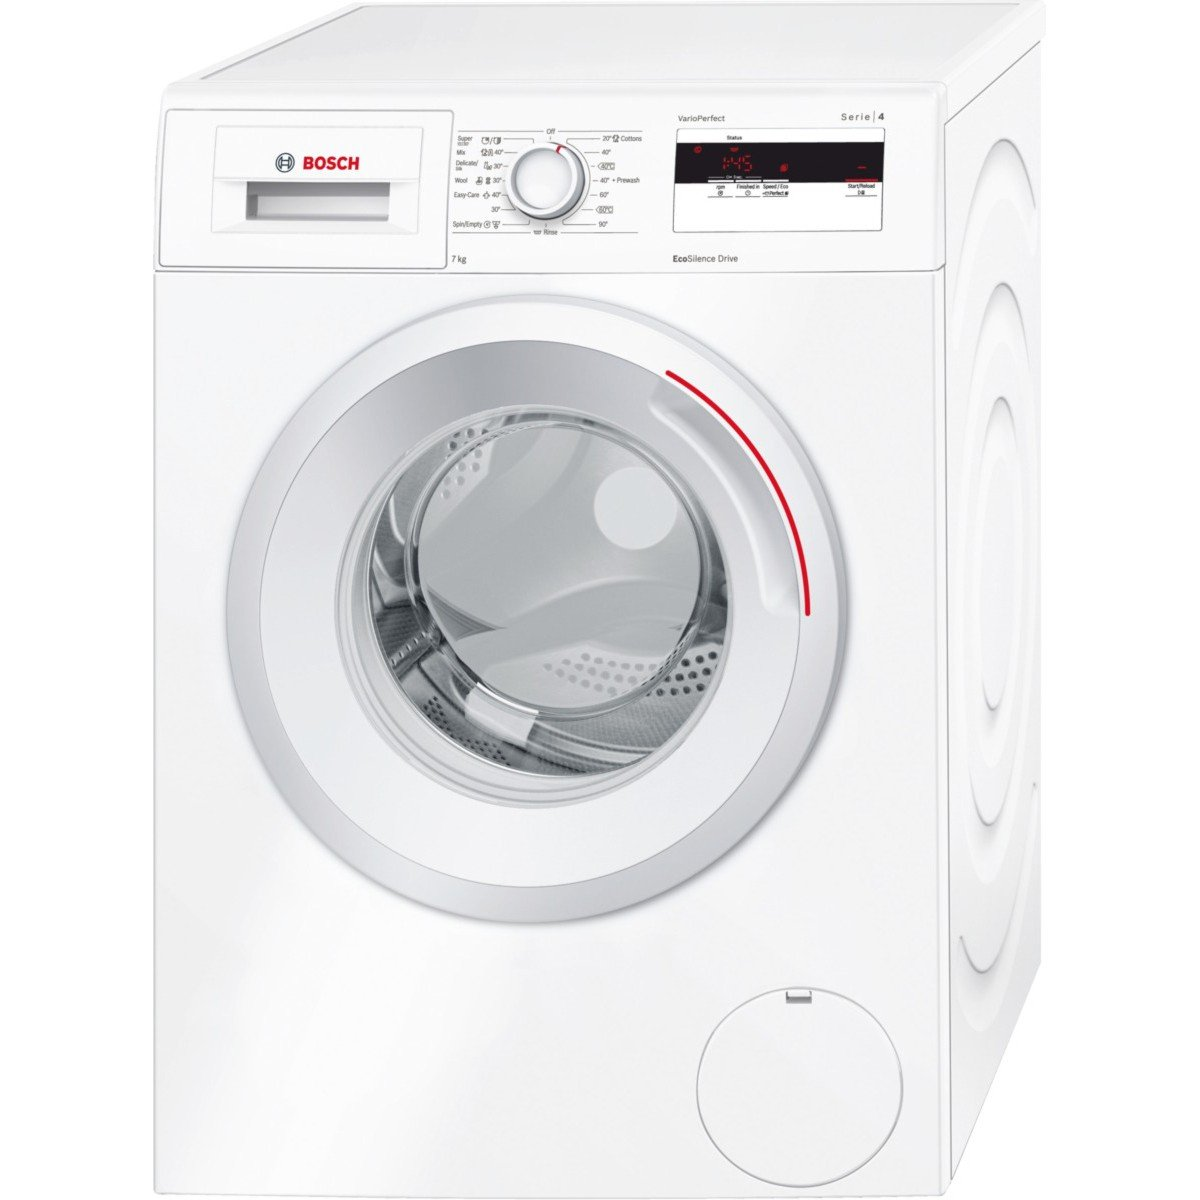 Bosch Lavadora wan20060by unidades de 1pz: Amazon.es: Bricolaje y ...